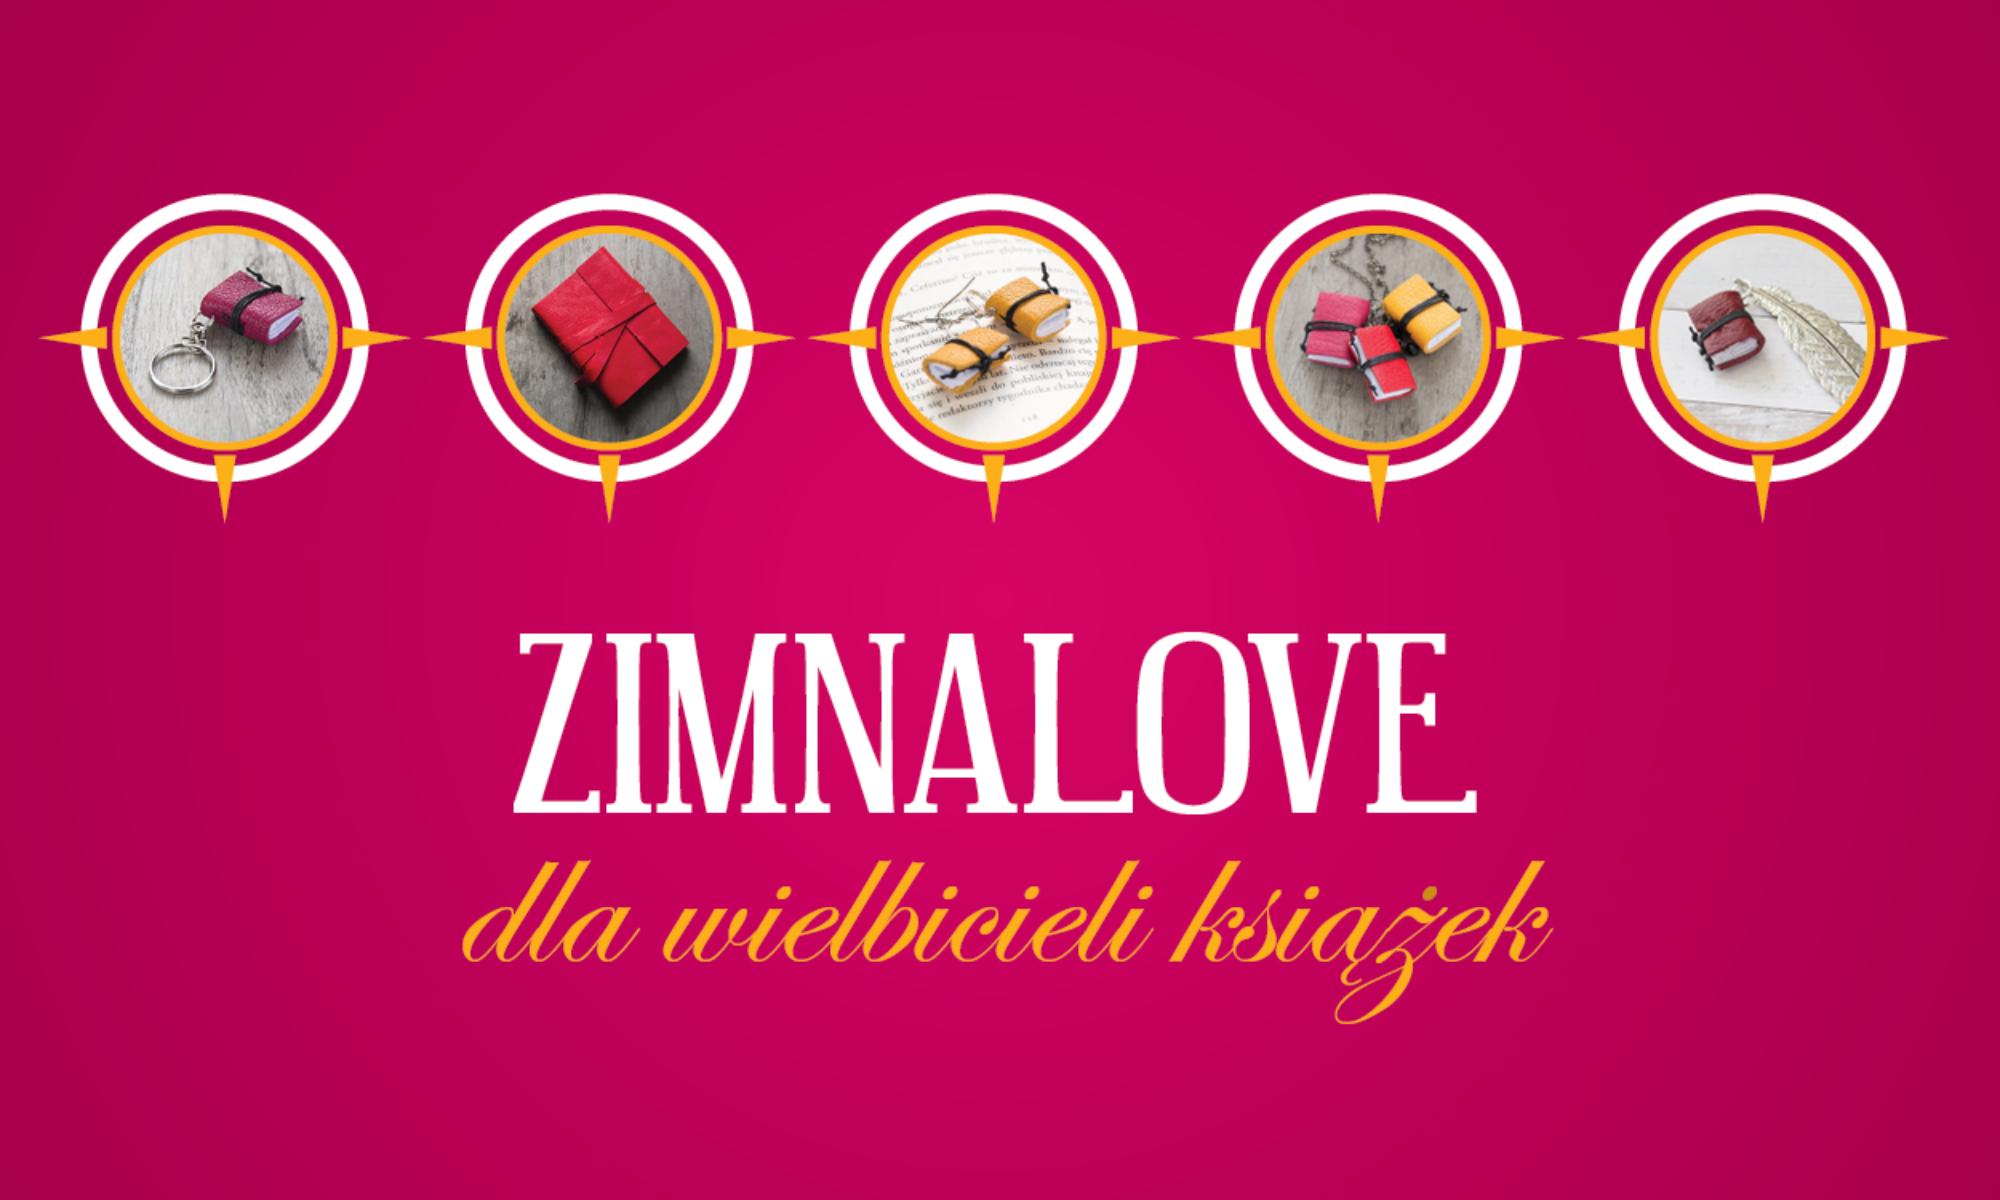 Zimnalove